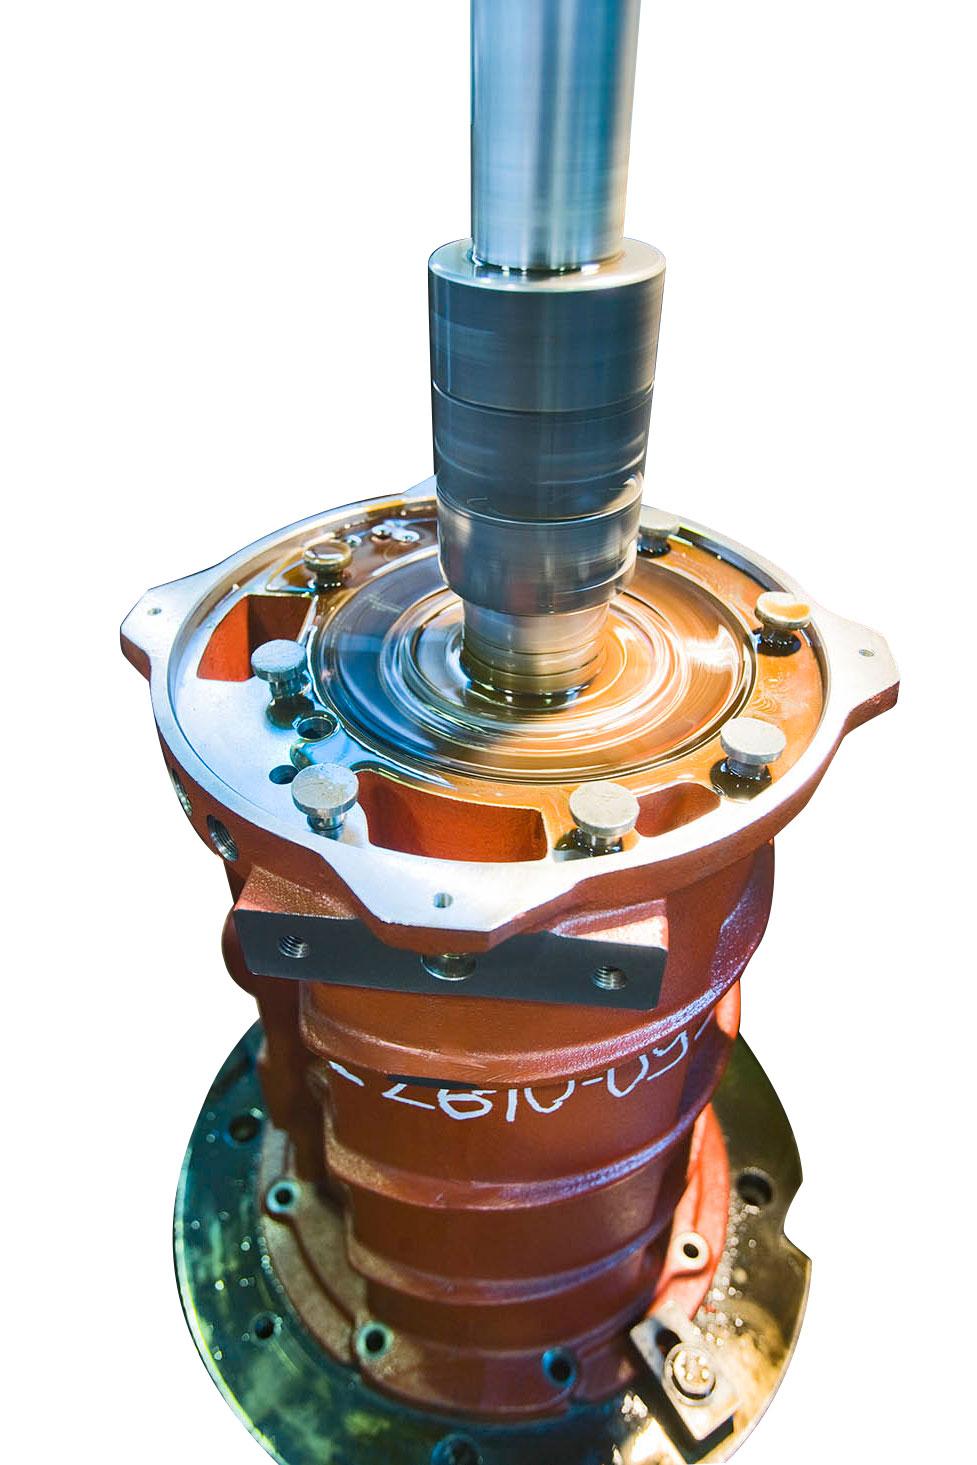 IMMAGINE-Motore-Compressore_valutare-dove-usarla2